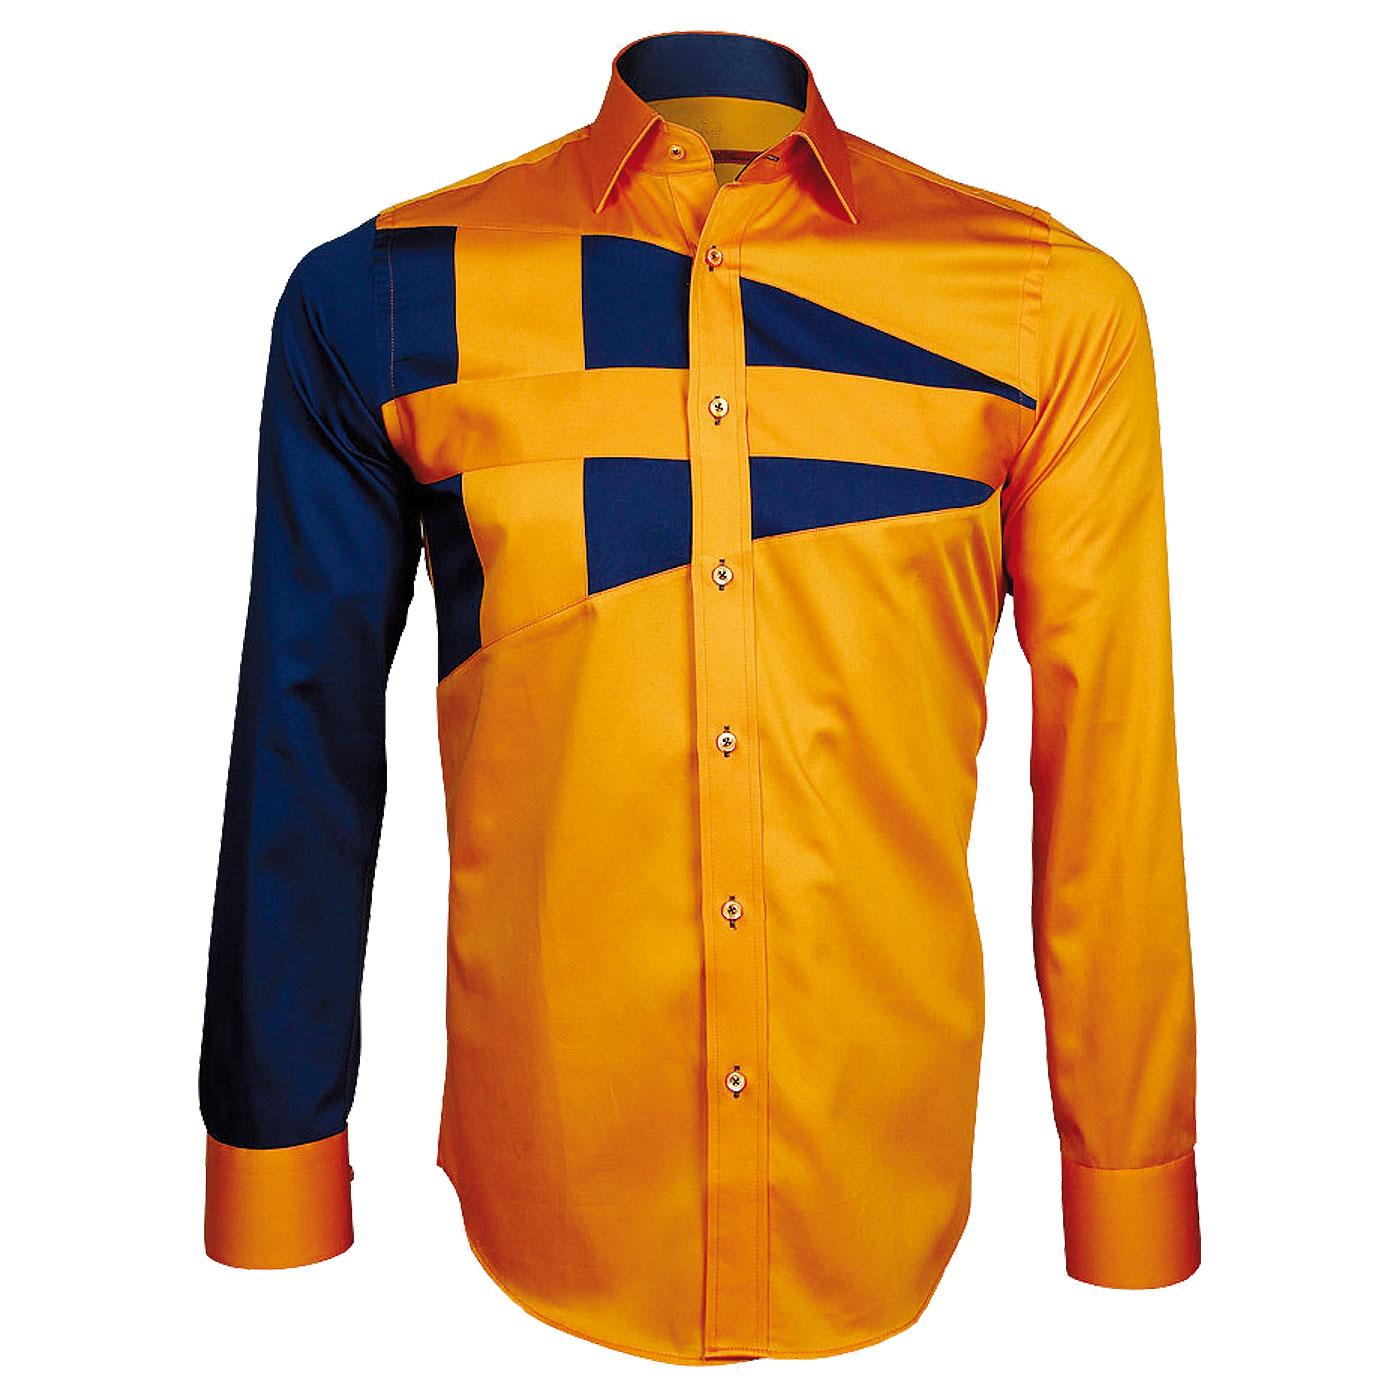 chemise orange pour homme 600 mod les sur chemiseweb. Black Bedroom Furniture Sets. Home Design Ideas